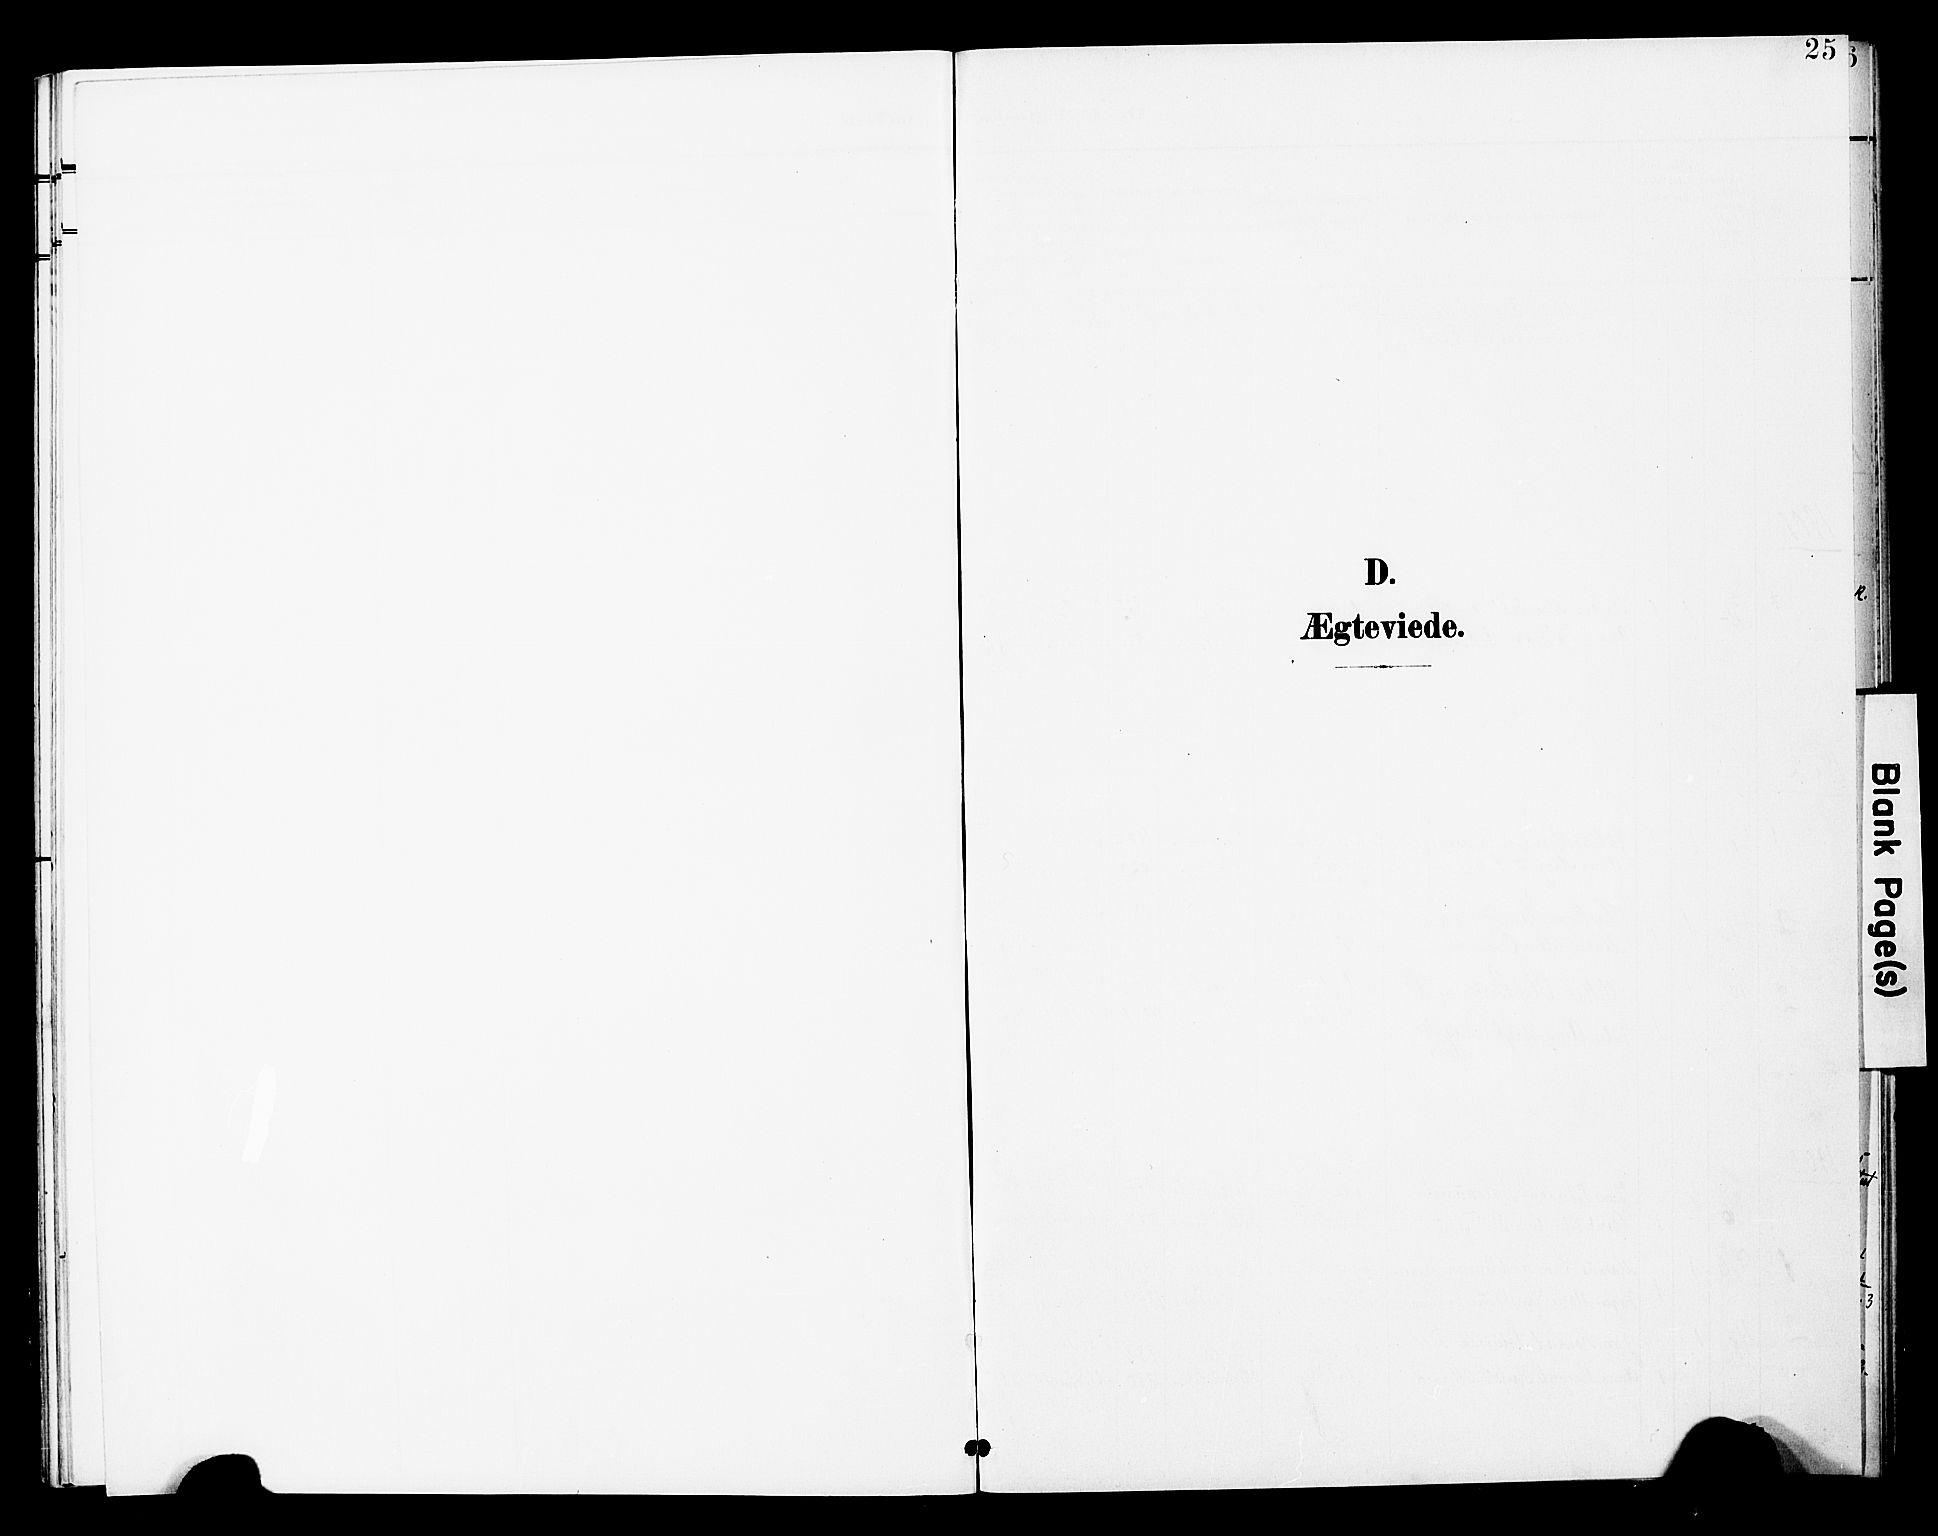 SAT, Ministerialprotokoller, klokkerbøker og fødselsregistre - Nord-Trøndelag, 748/L0464: Ministerialbok nr. 748A01, 1900-1908, s. 25